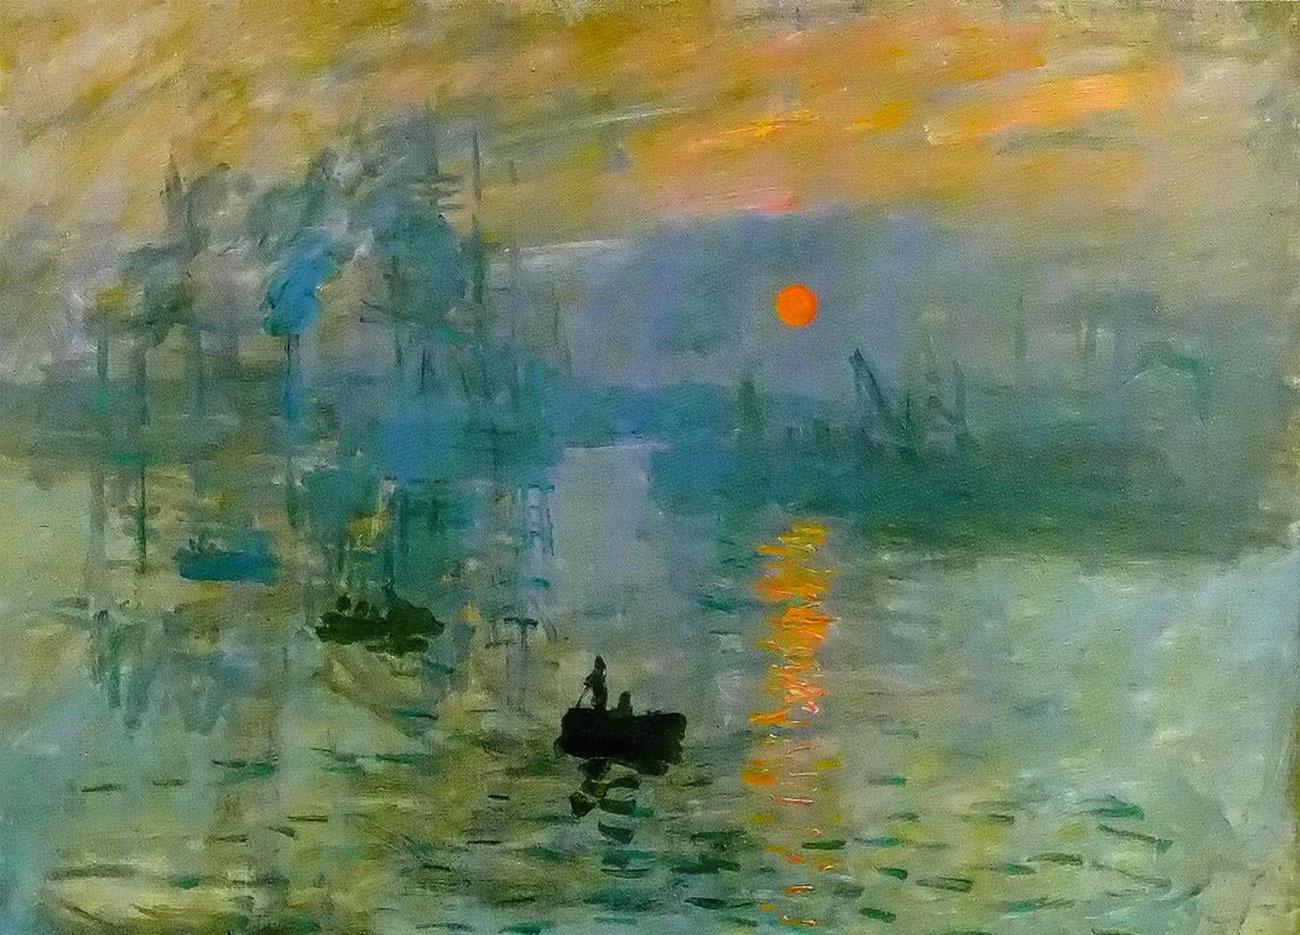 Claude Monet, Impression, soleil levant, 1872 (Impressionismo)